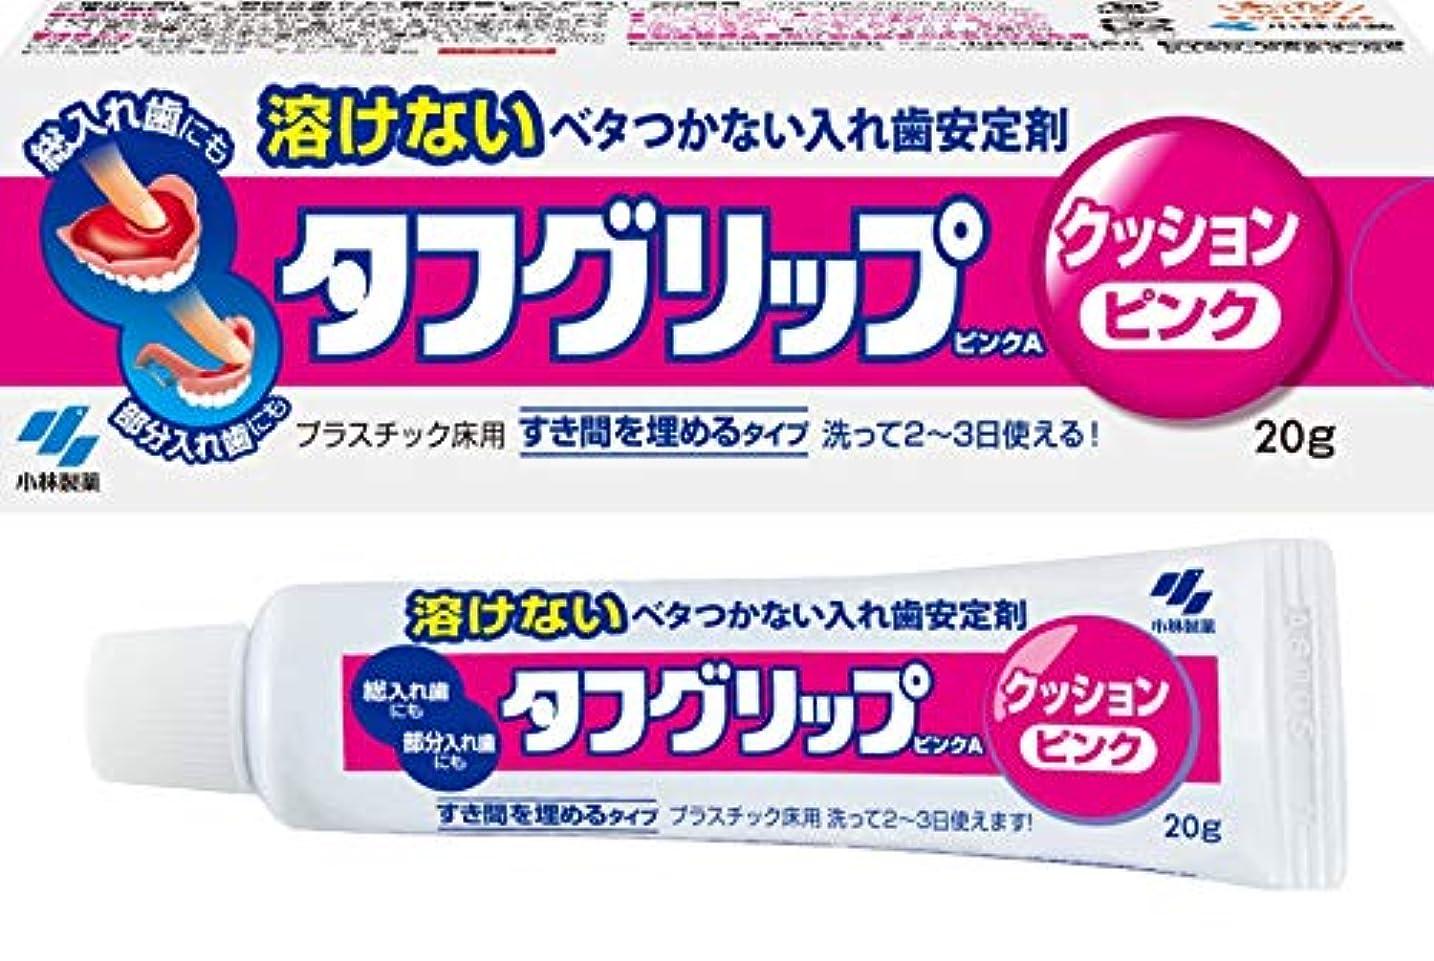 ナット第二妖精タフグリップクッション ピンク 入れ歯安定剤(総入れ歯?部分入れ歯) 20g